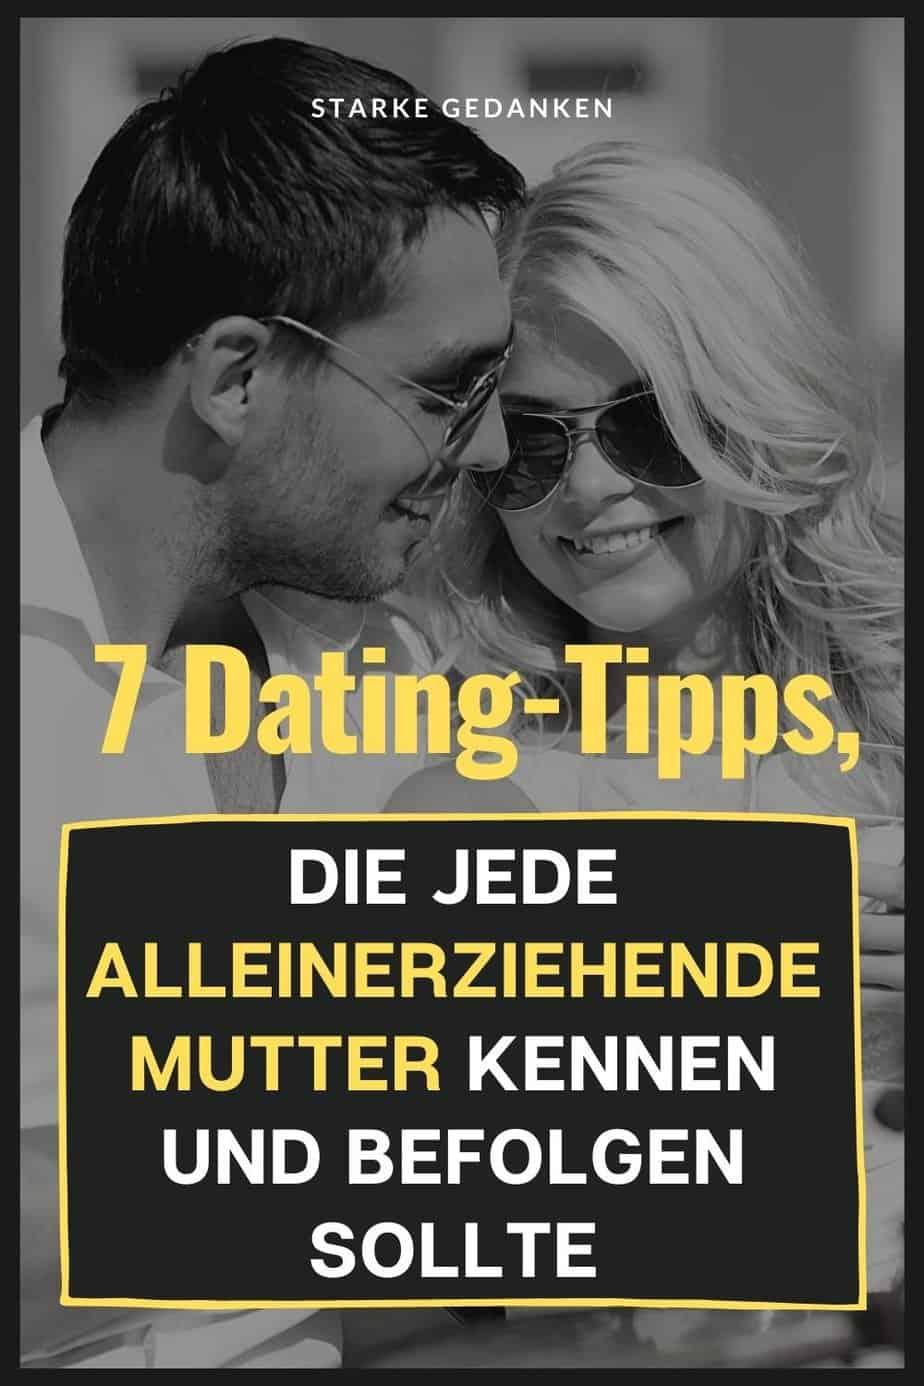 Alleinerziehende mutter online-dating